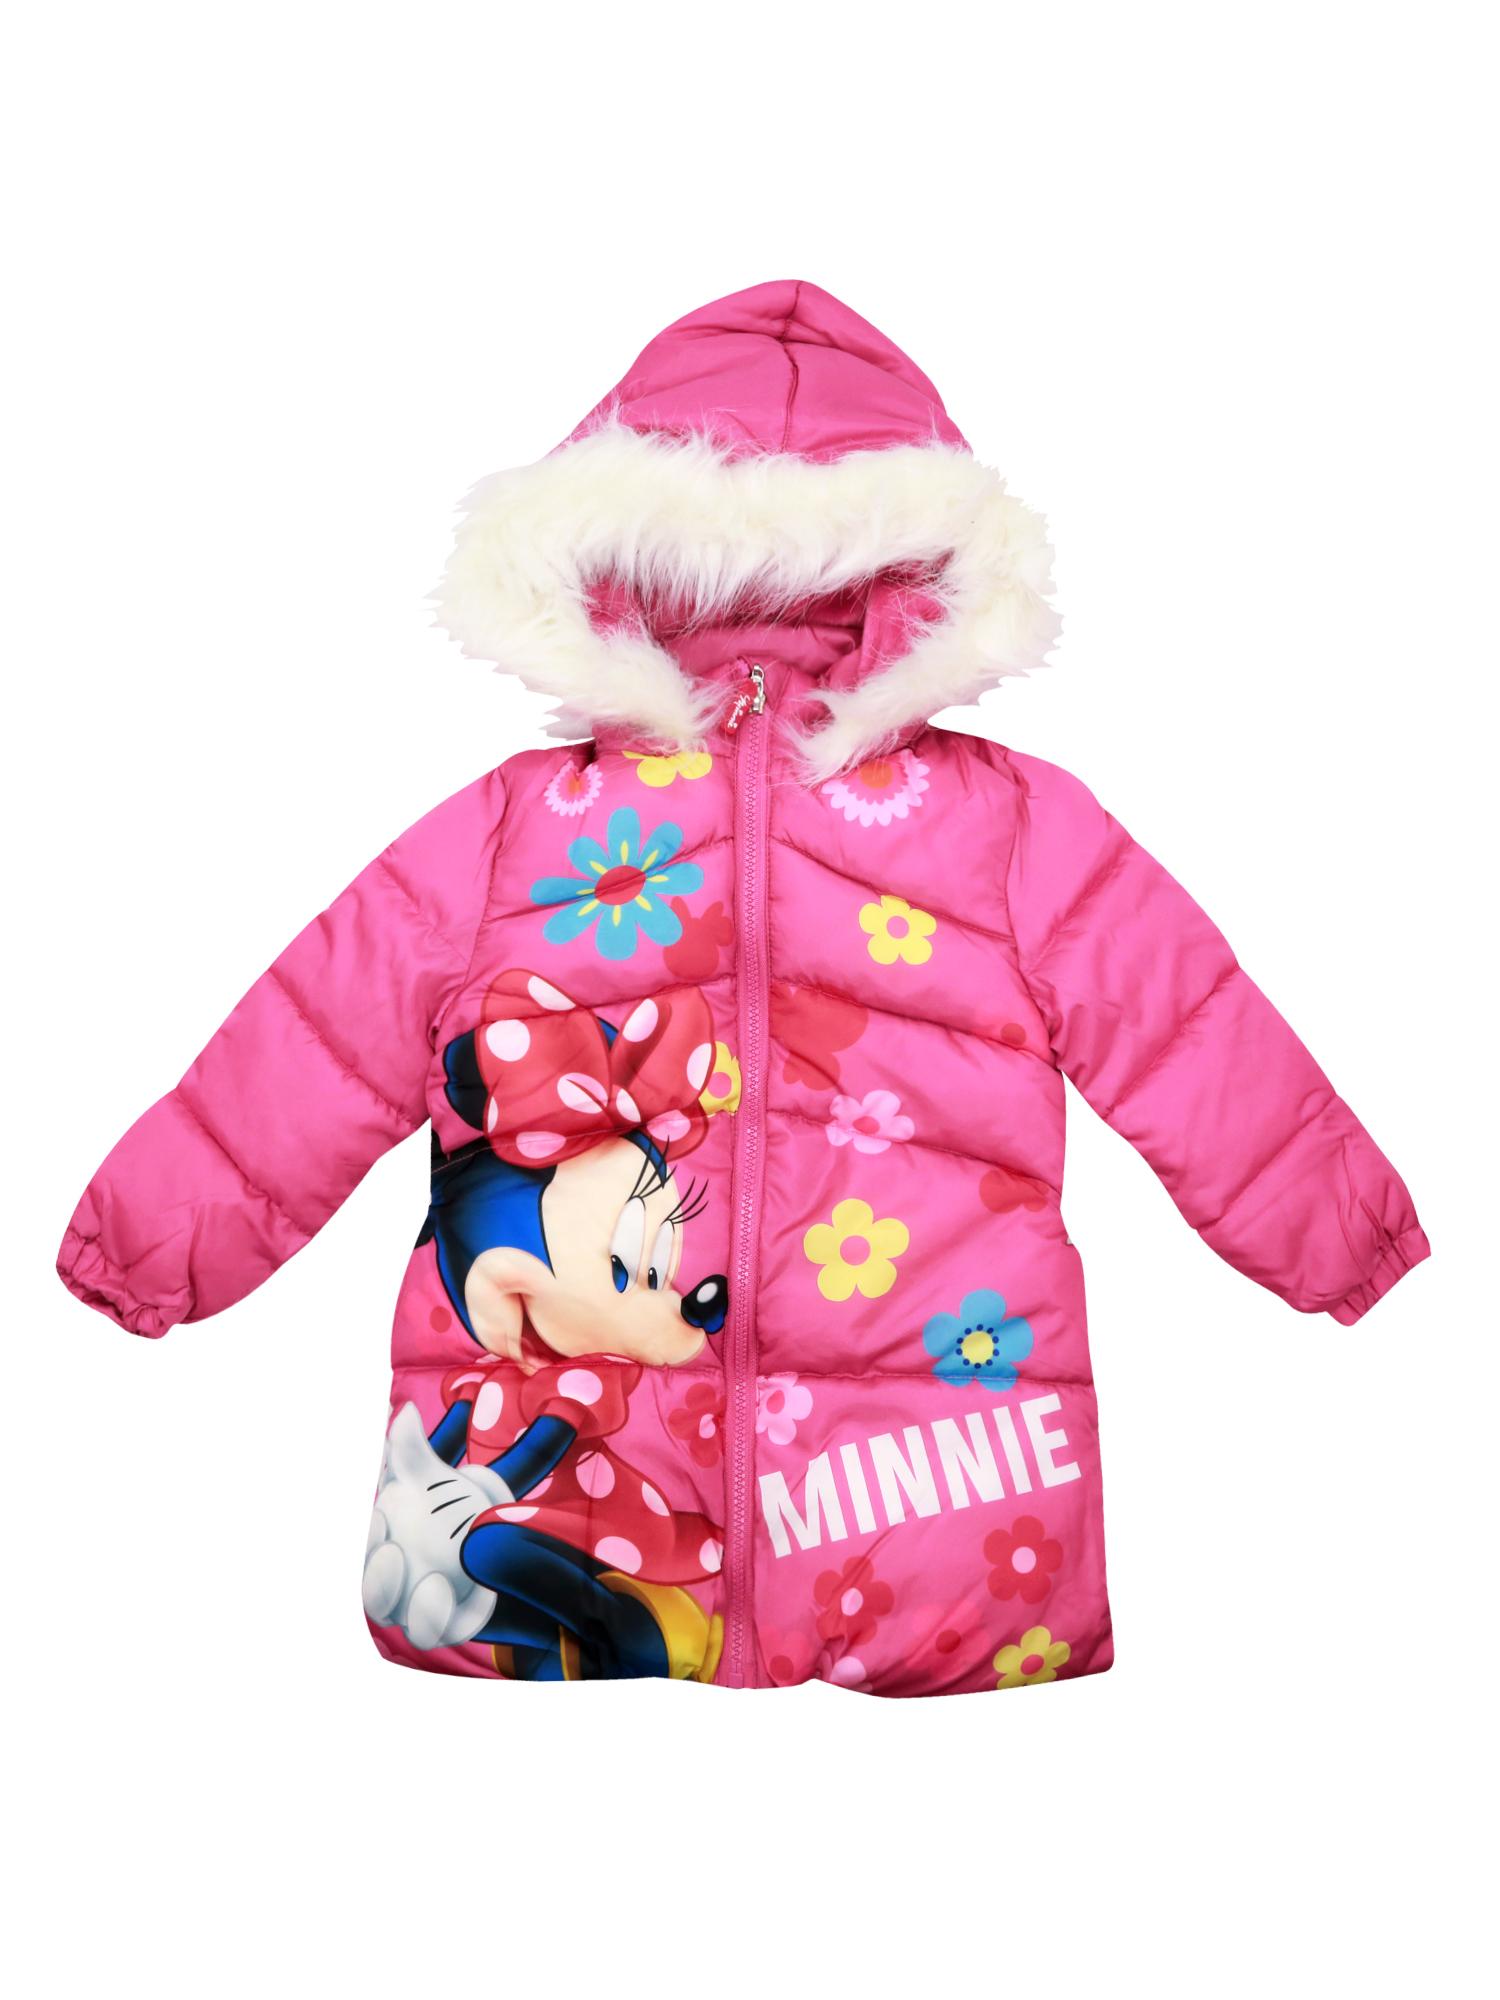 Minnie téli kabát